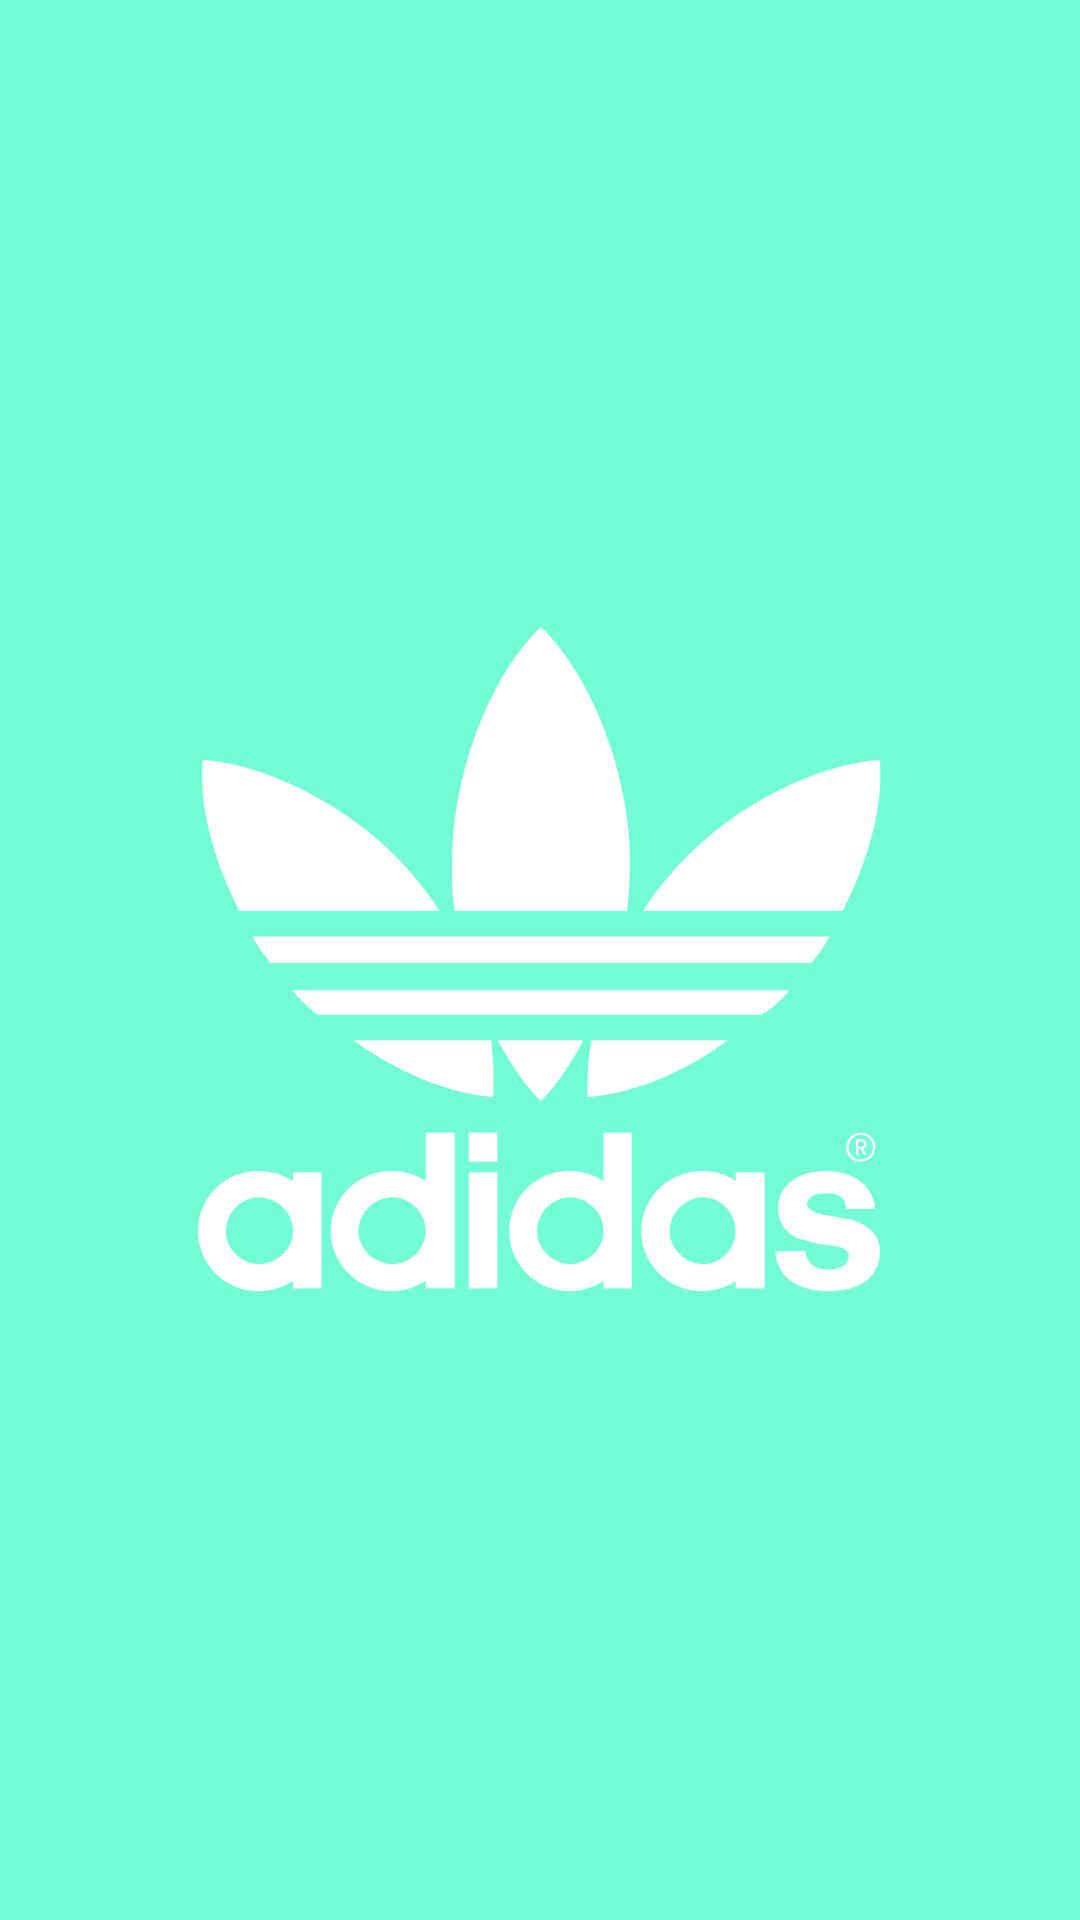 adidas13